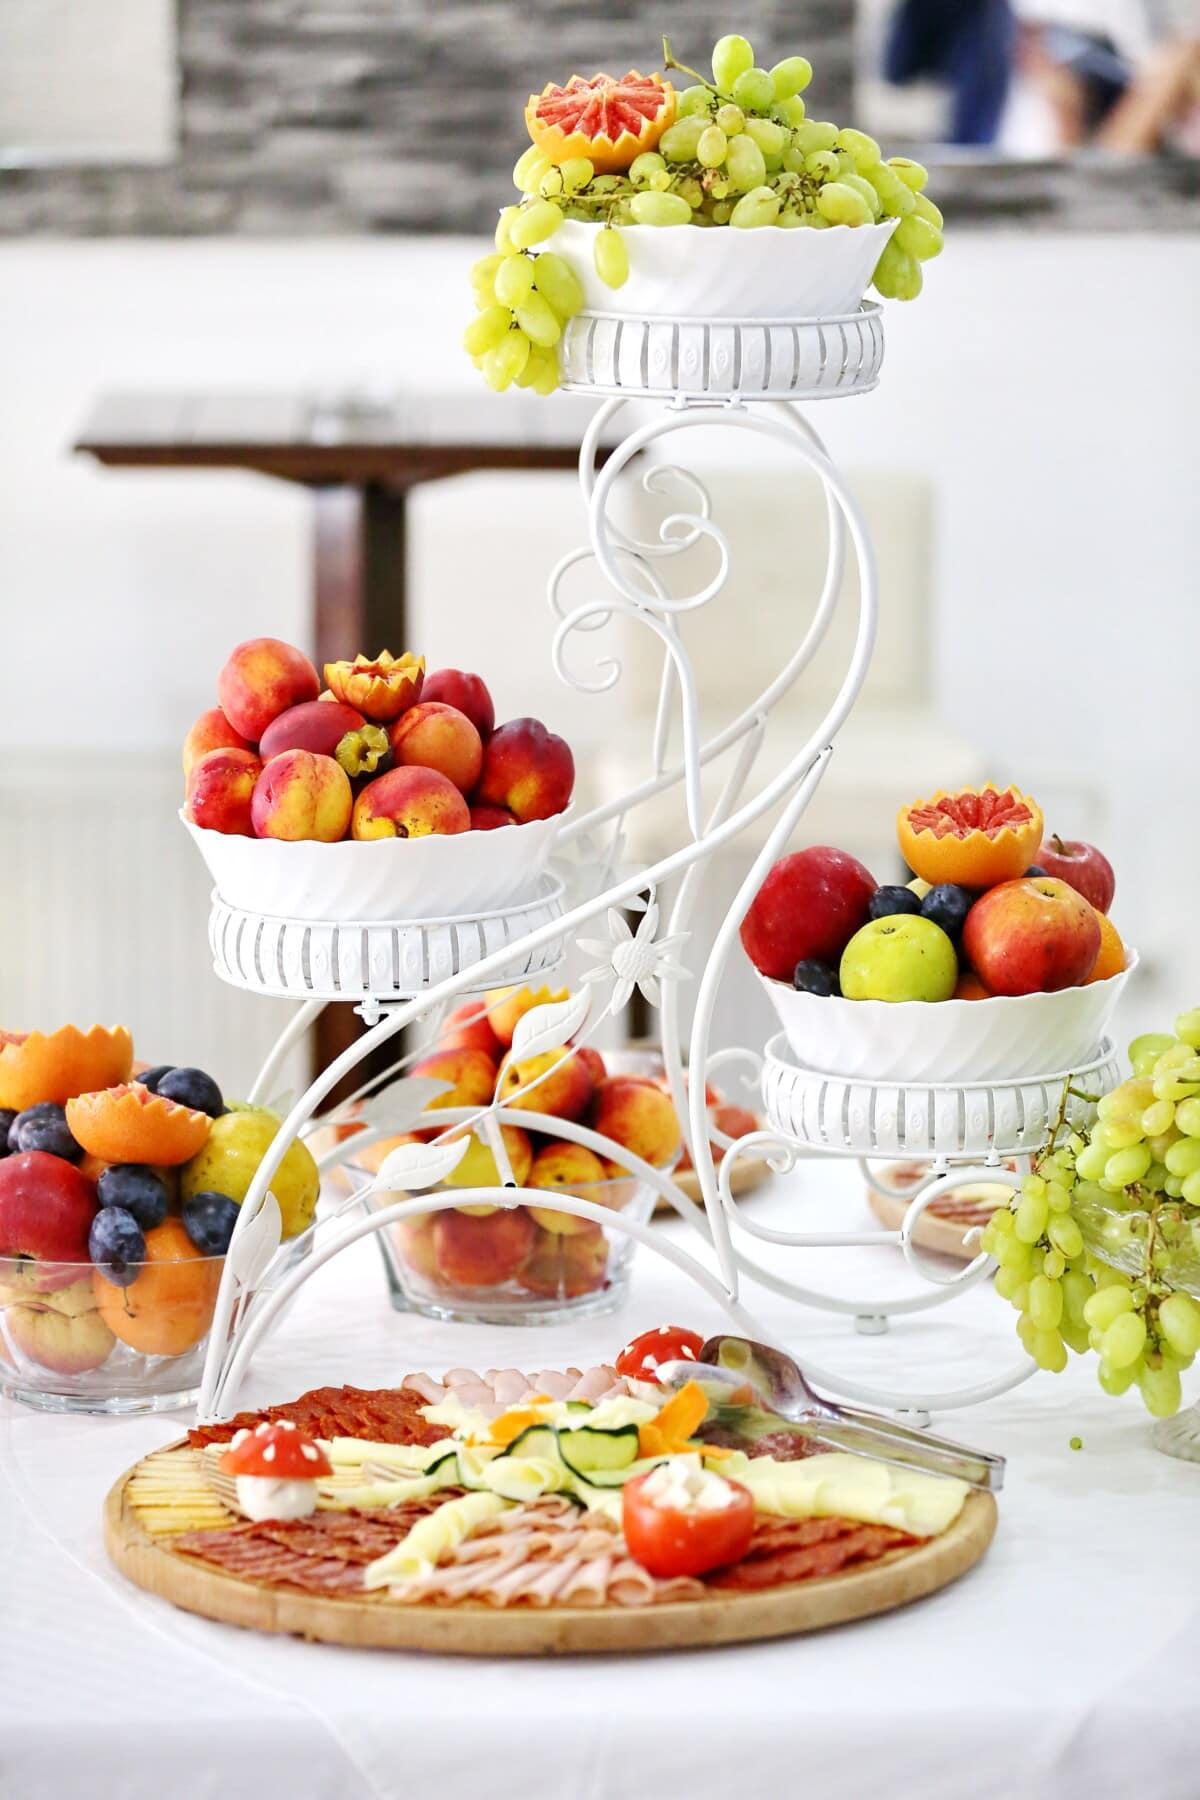 šljiva, grožđe, breskva, naranče, voće, pršut, kobasica, salama, hrana, obrok